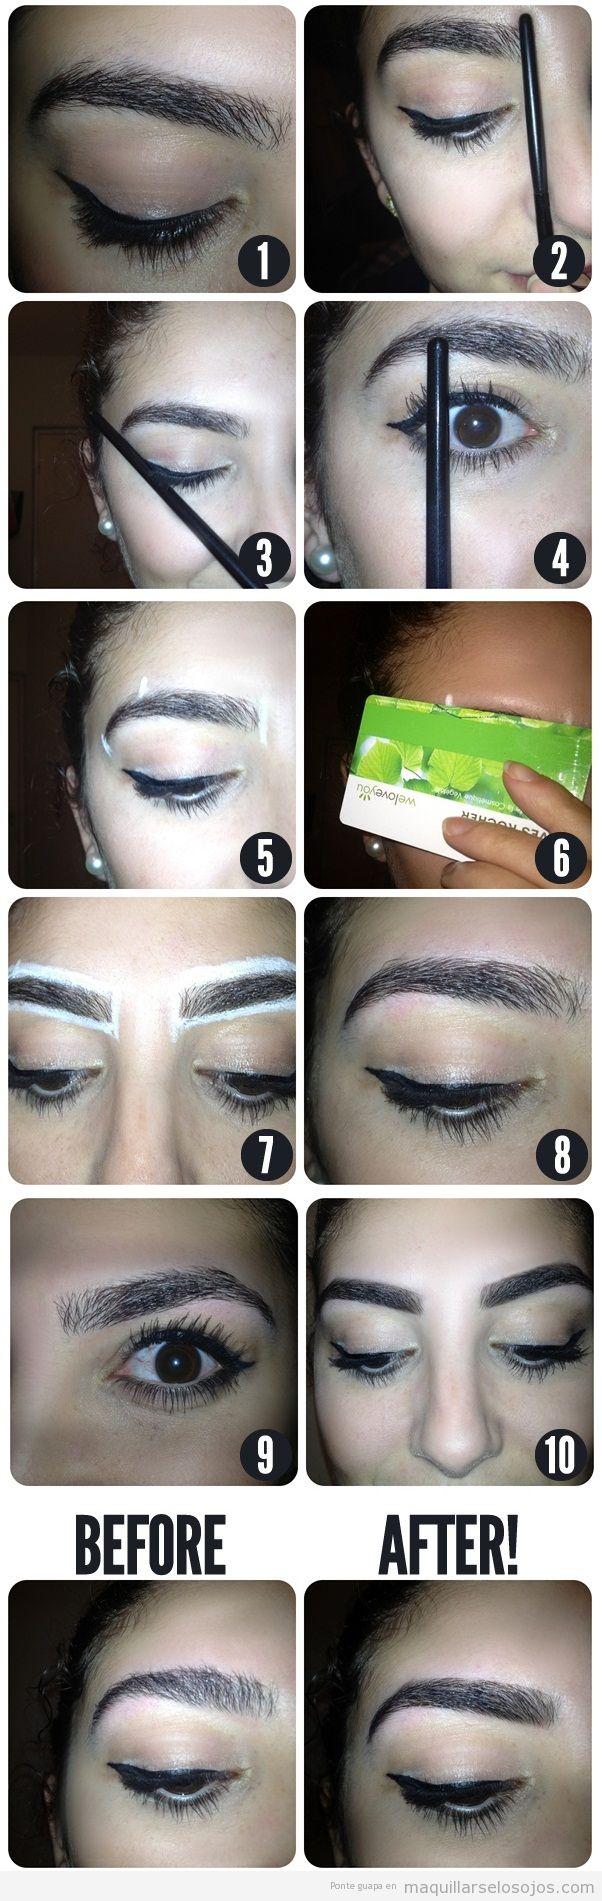 Consejo y trucos para maquillar las cejas